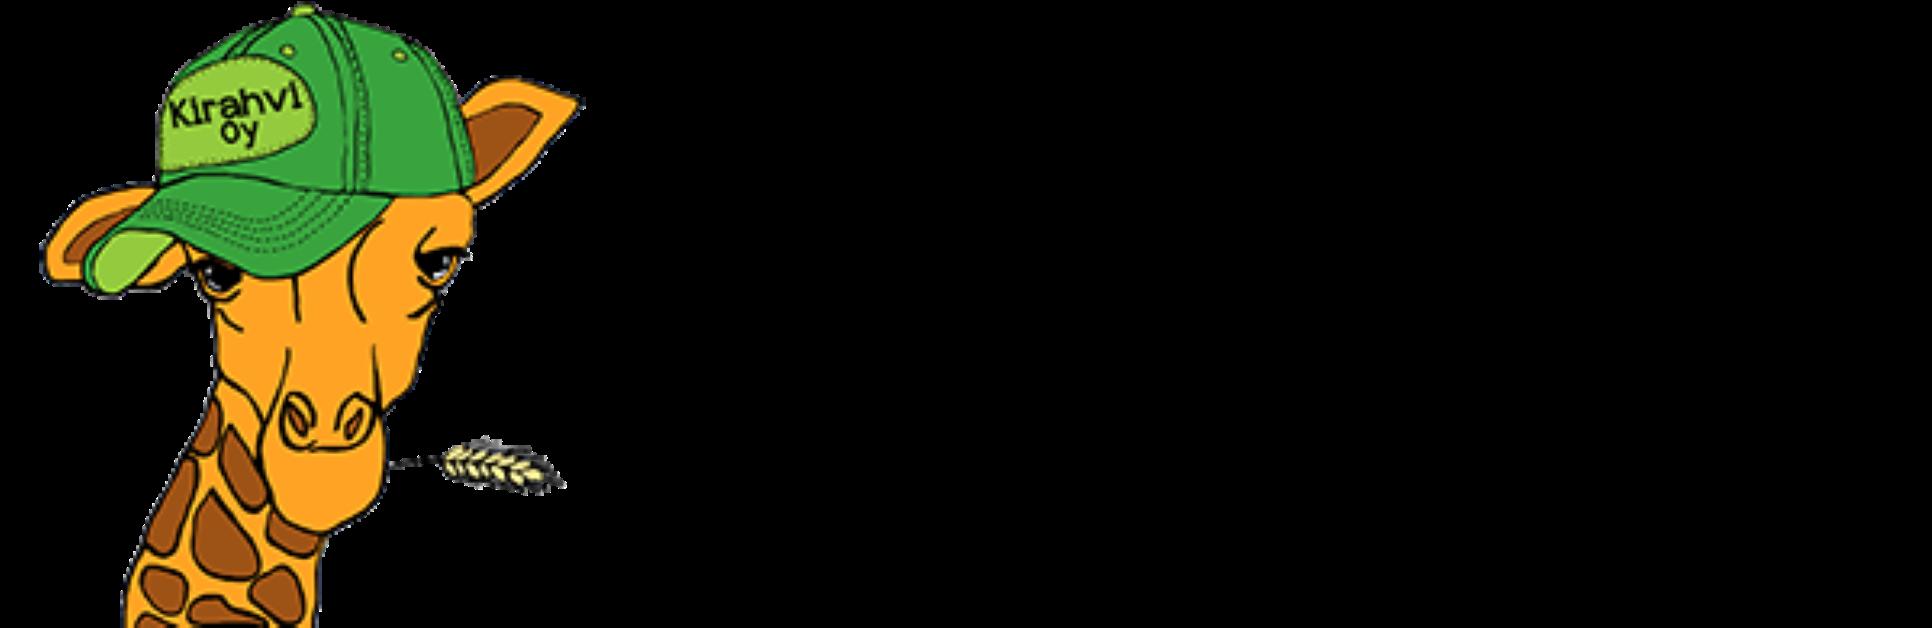 Kirahvi Oy hevostarvikkeet